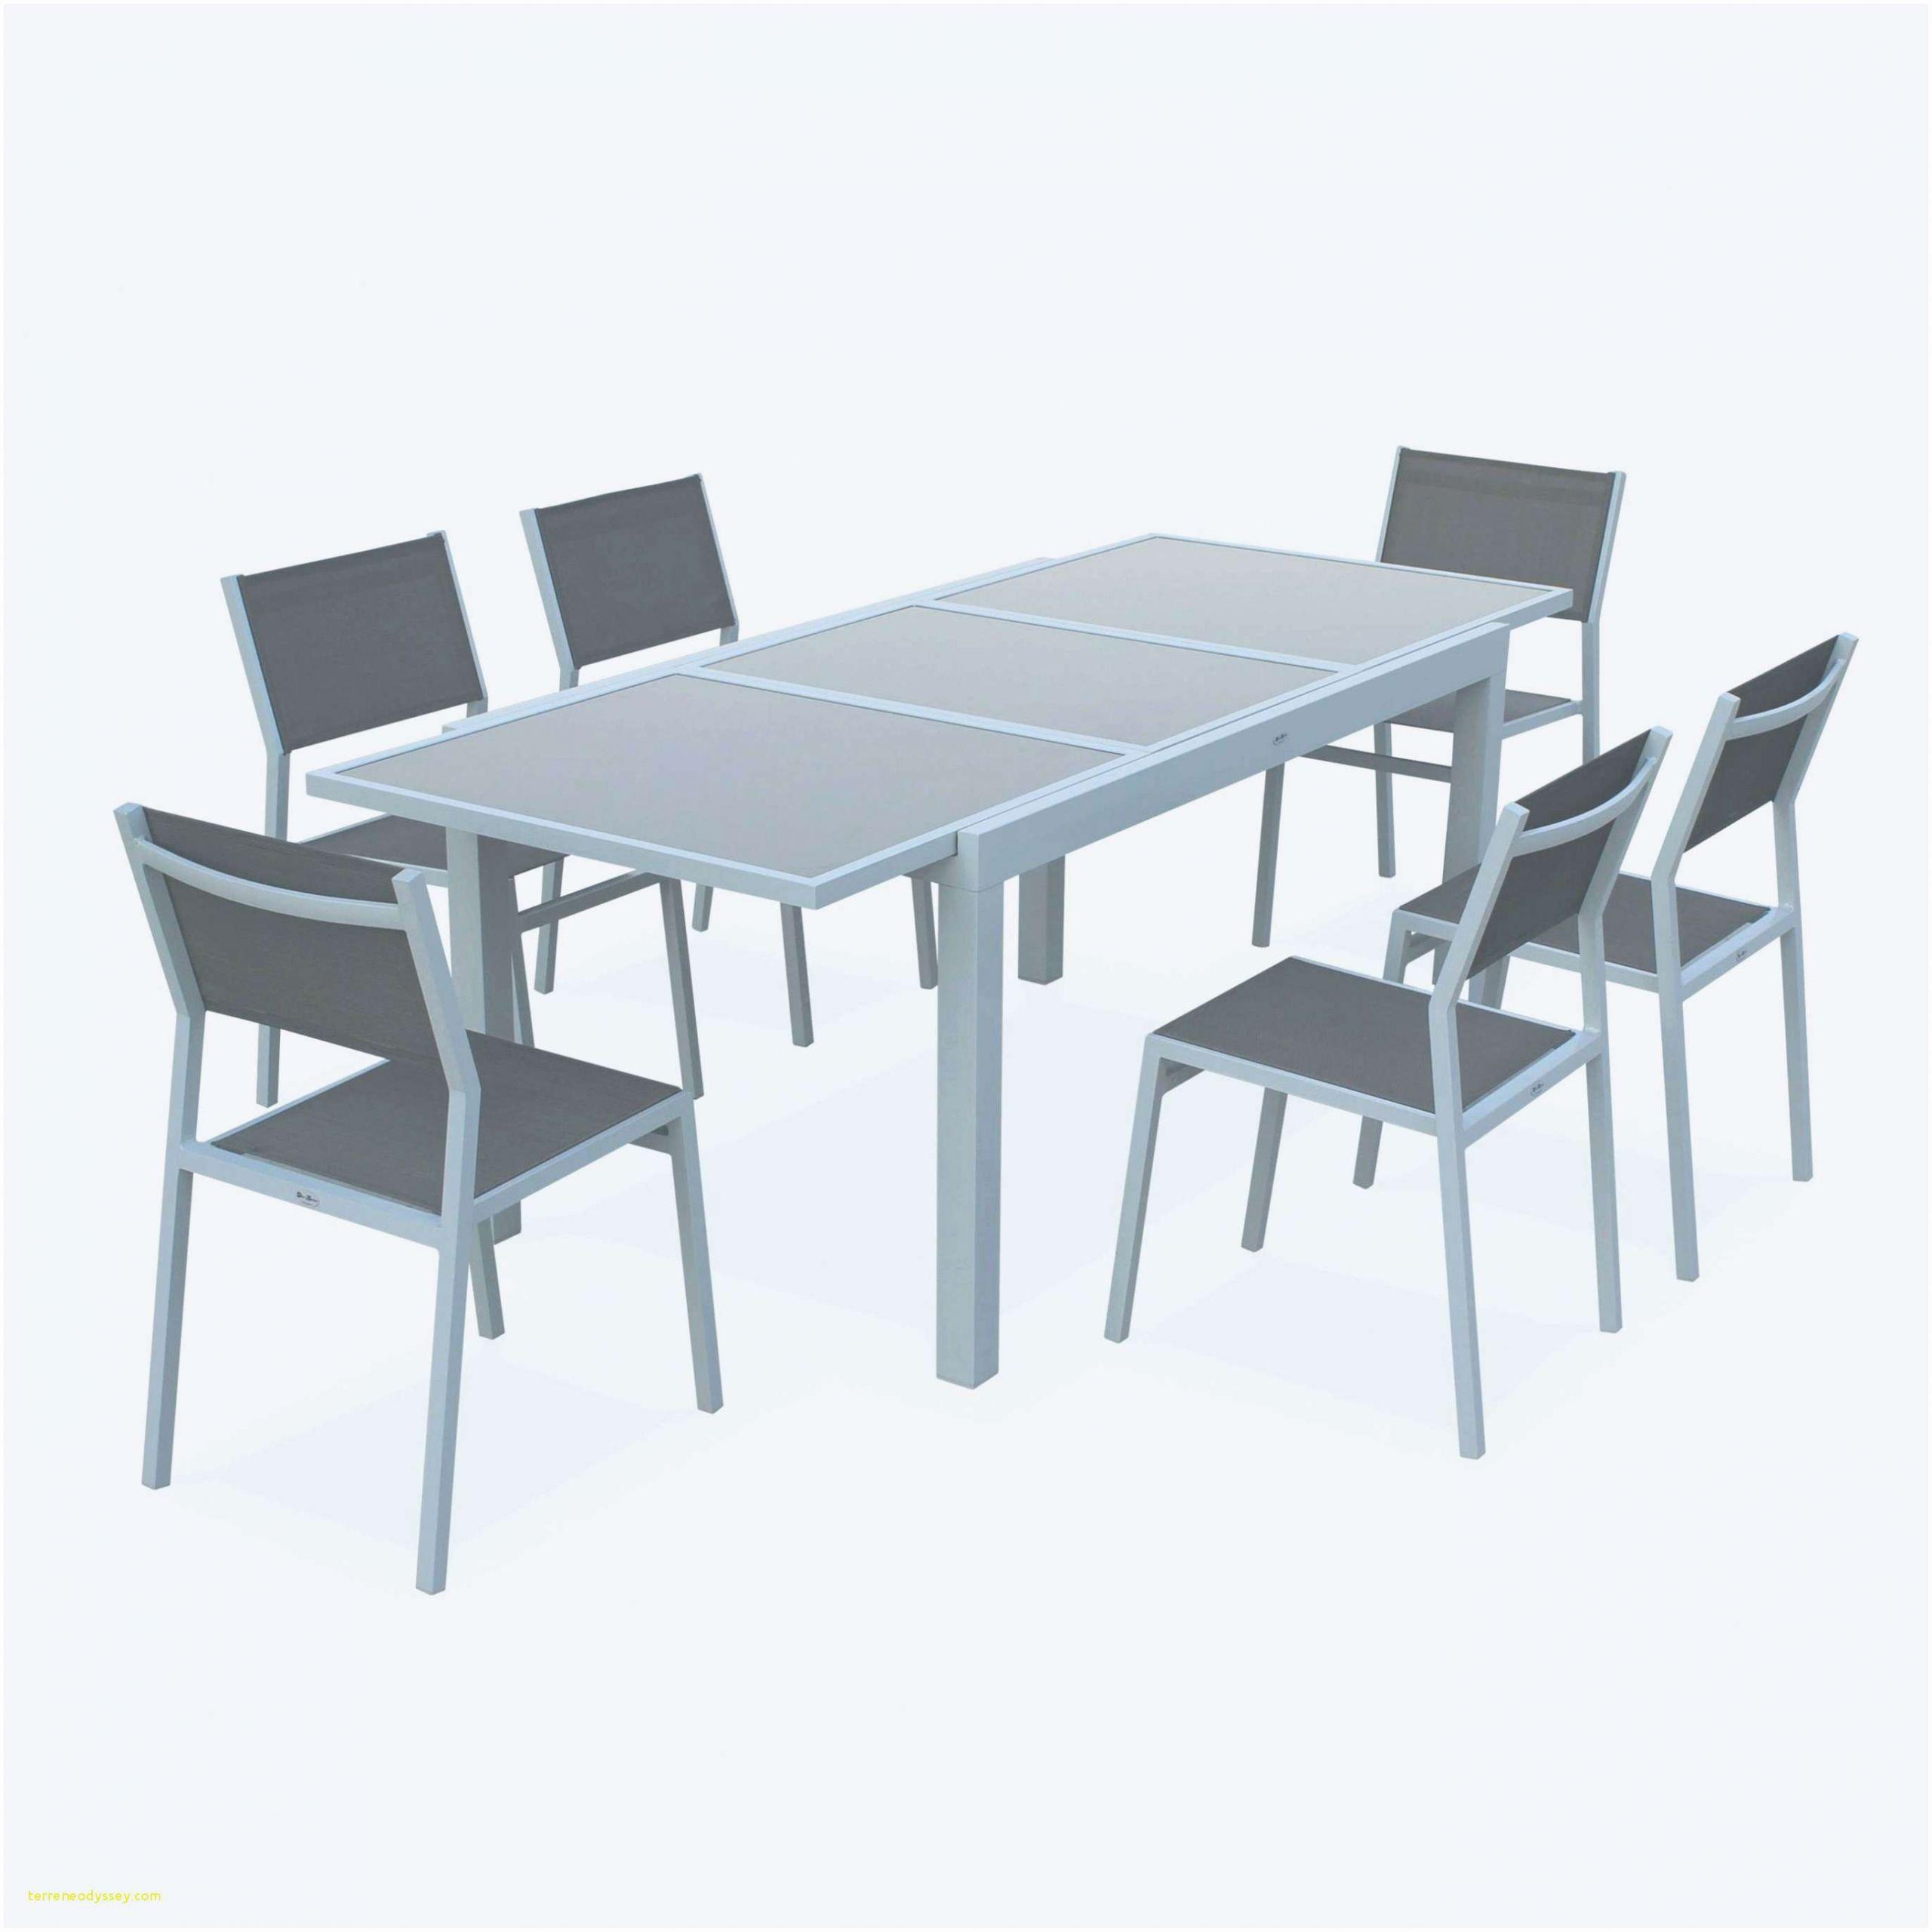 motorisation portail pas cher genial image table pliable cuisine table basse pas cher of motorisation portail pas cher